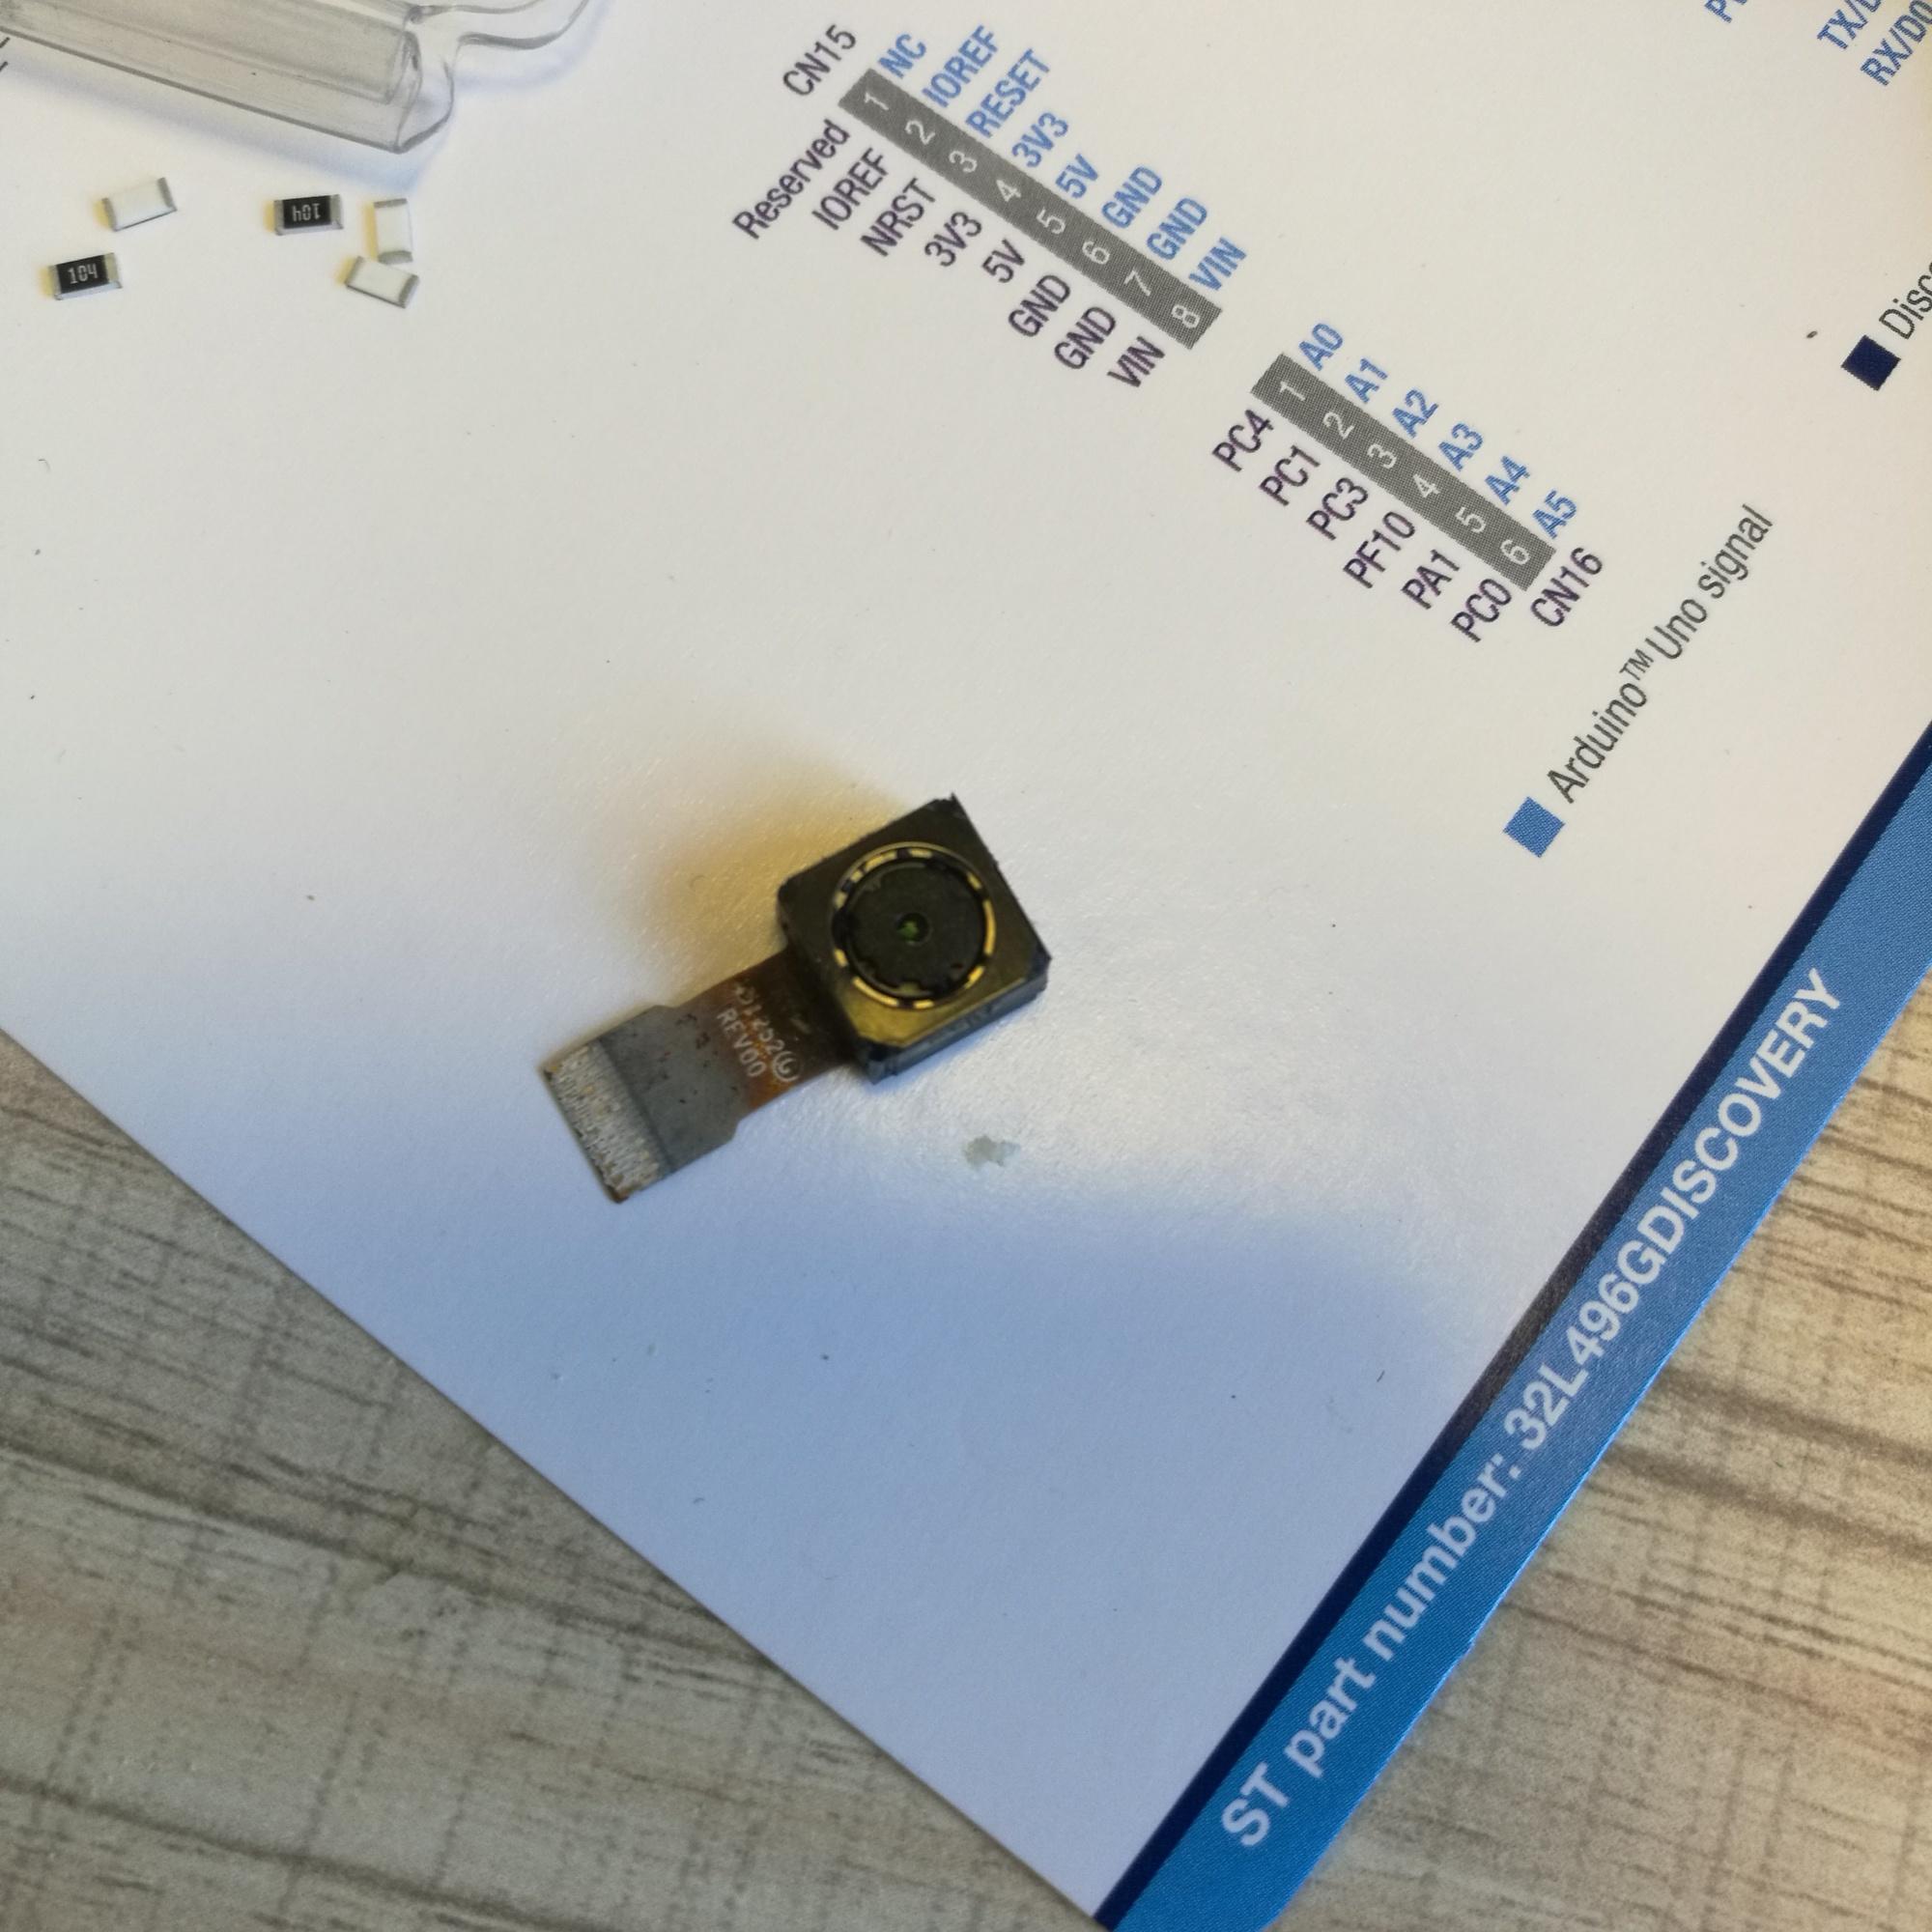 拆一个手机摄像头,为什么里面有个磁铁?